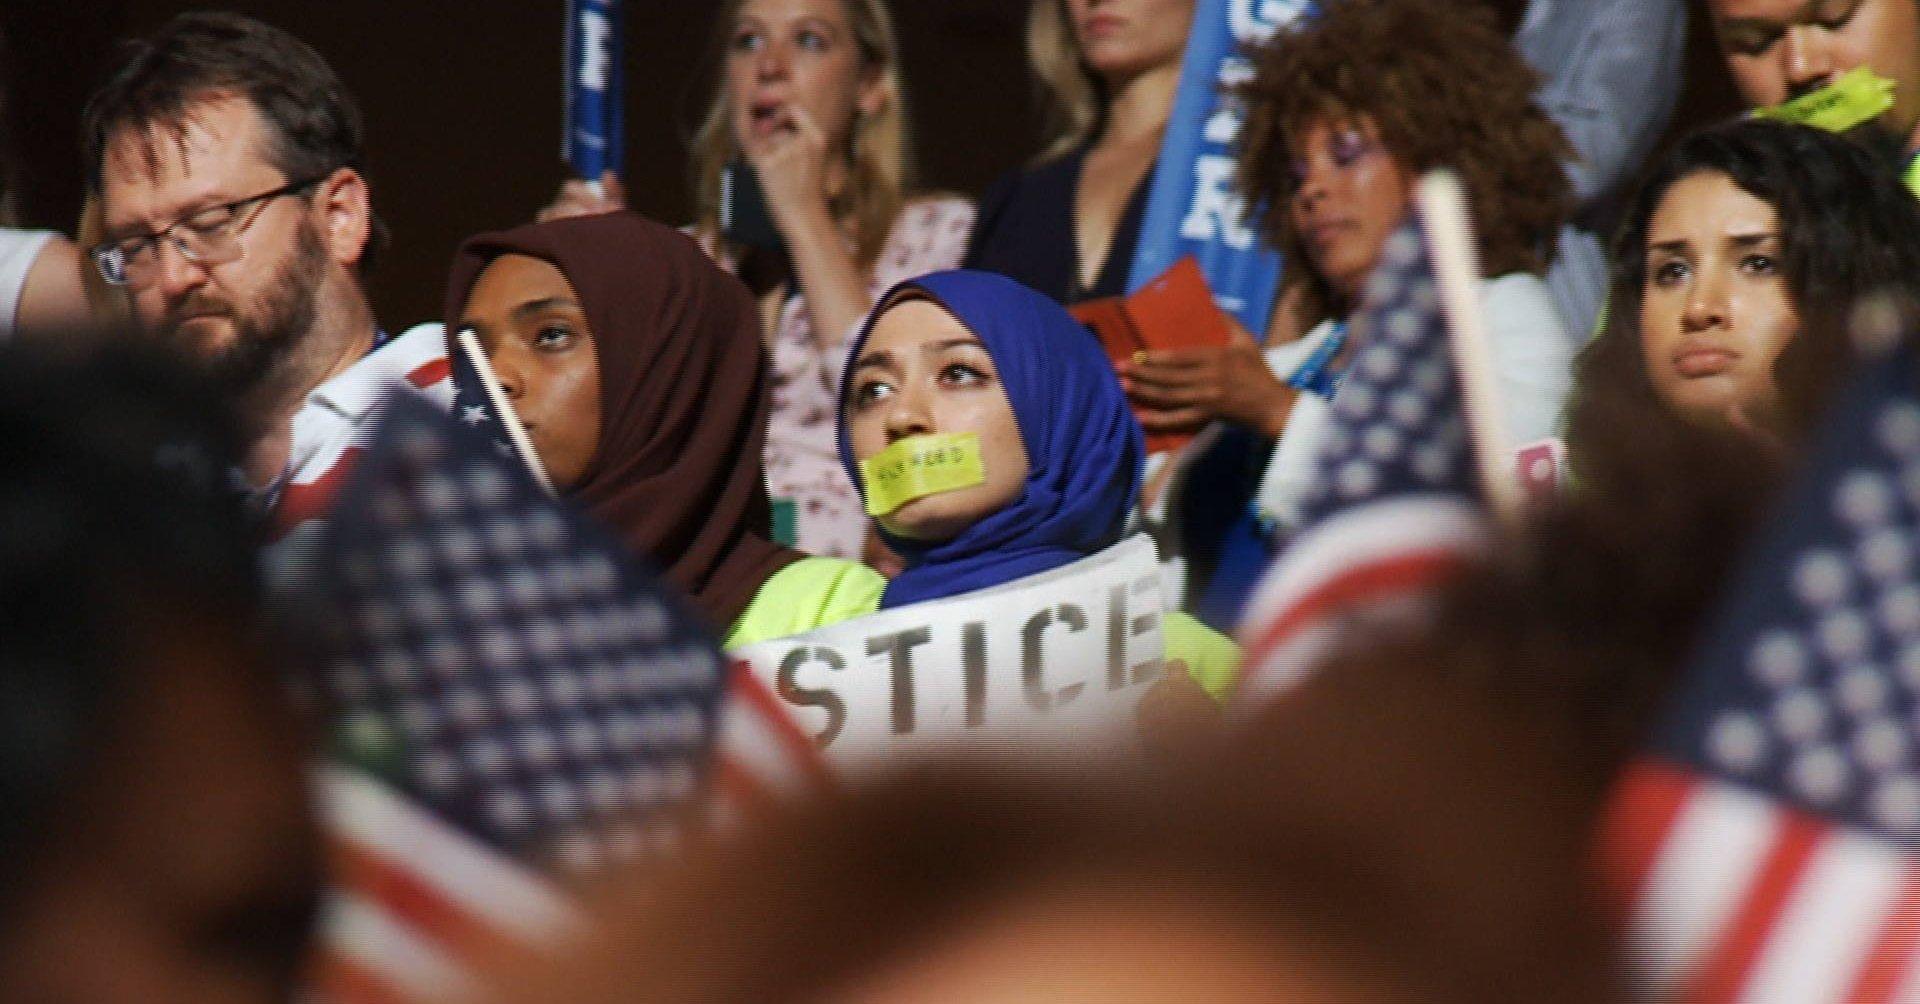 Sanders Delegates